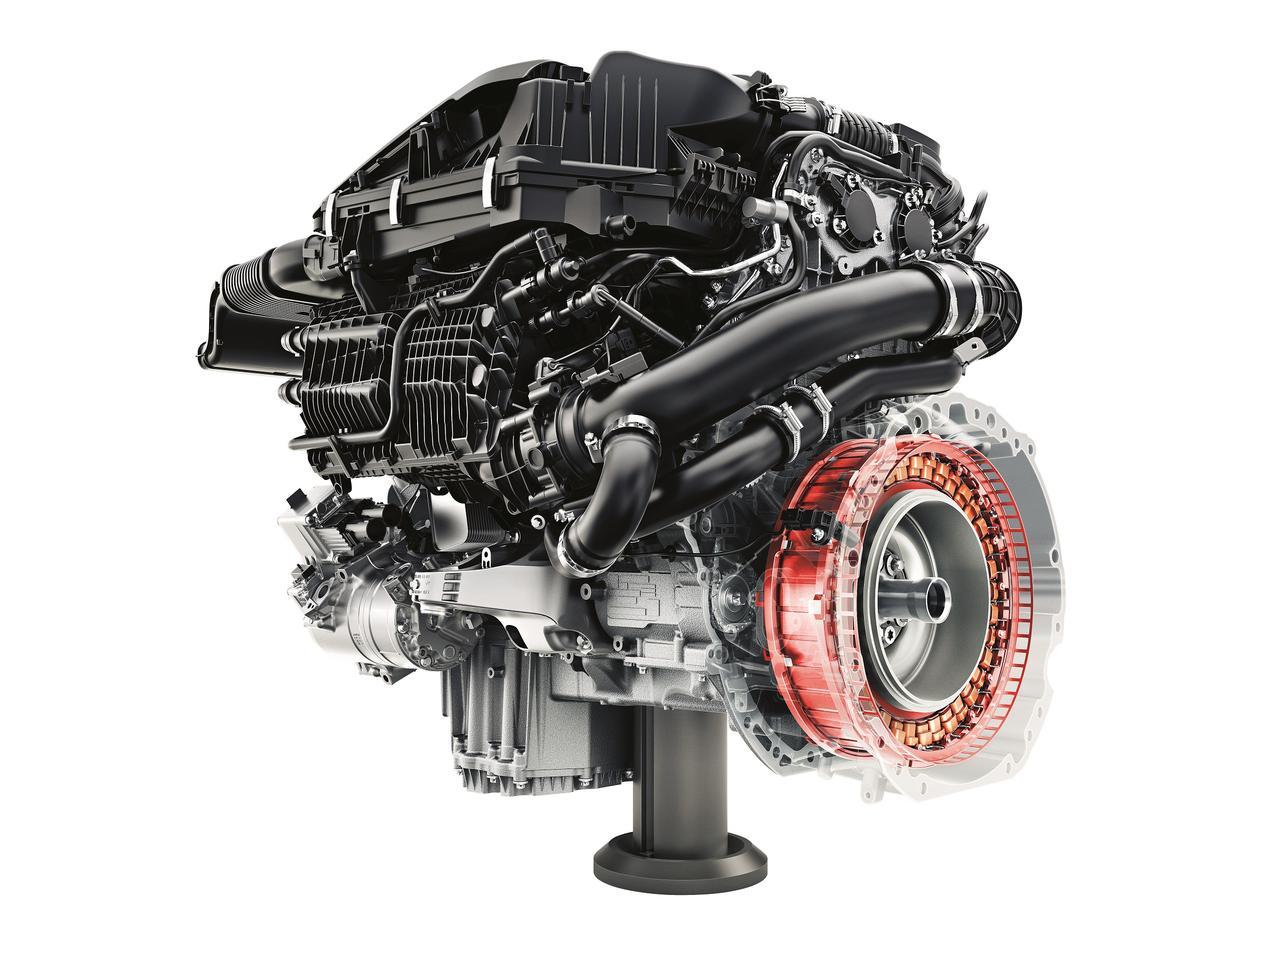 【試乗】メルセデス・AMG E53 4マティックは直6エンジンを搭載。圧倒的な加速力のまさにスーパースポーツセダン!